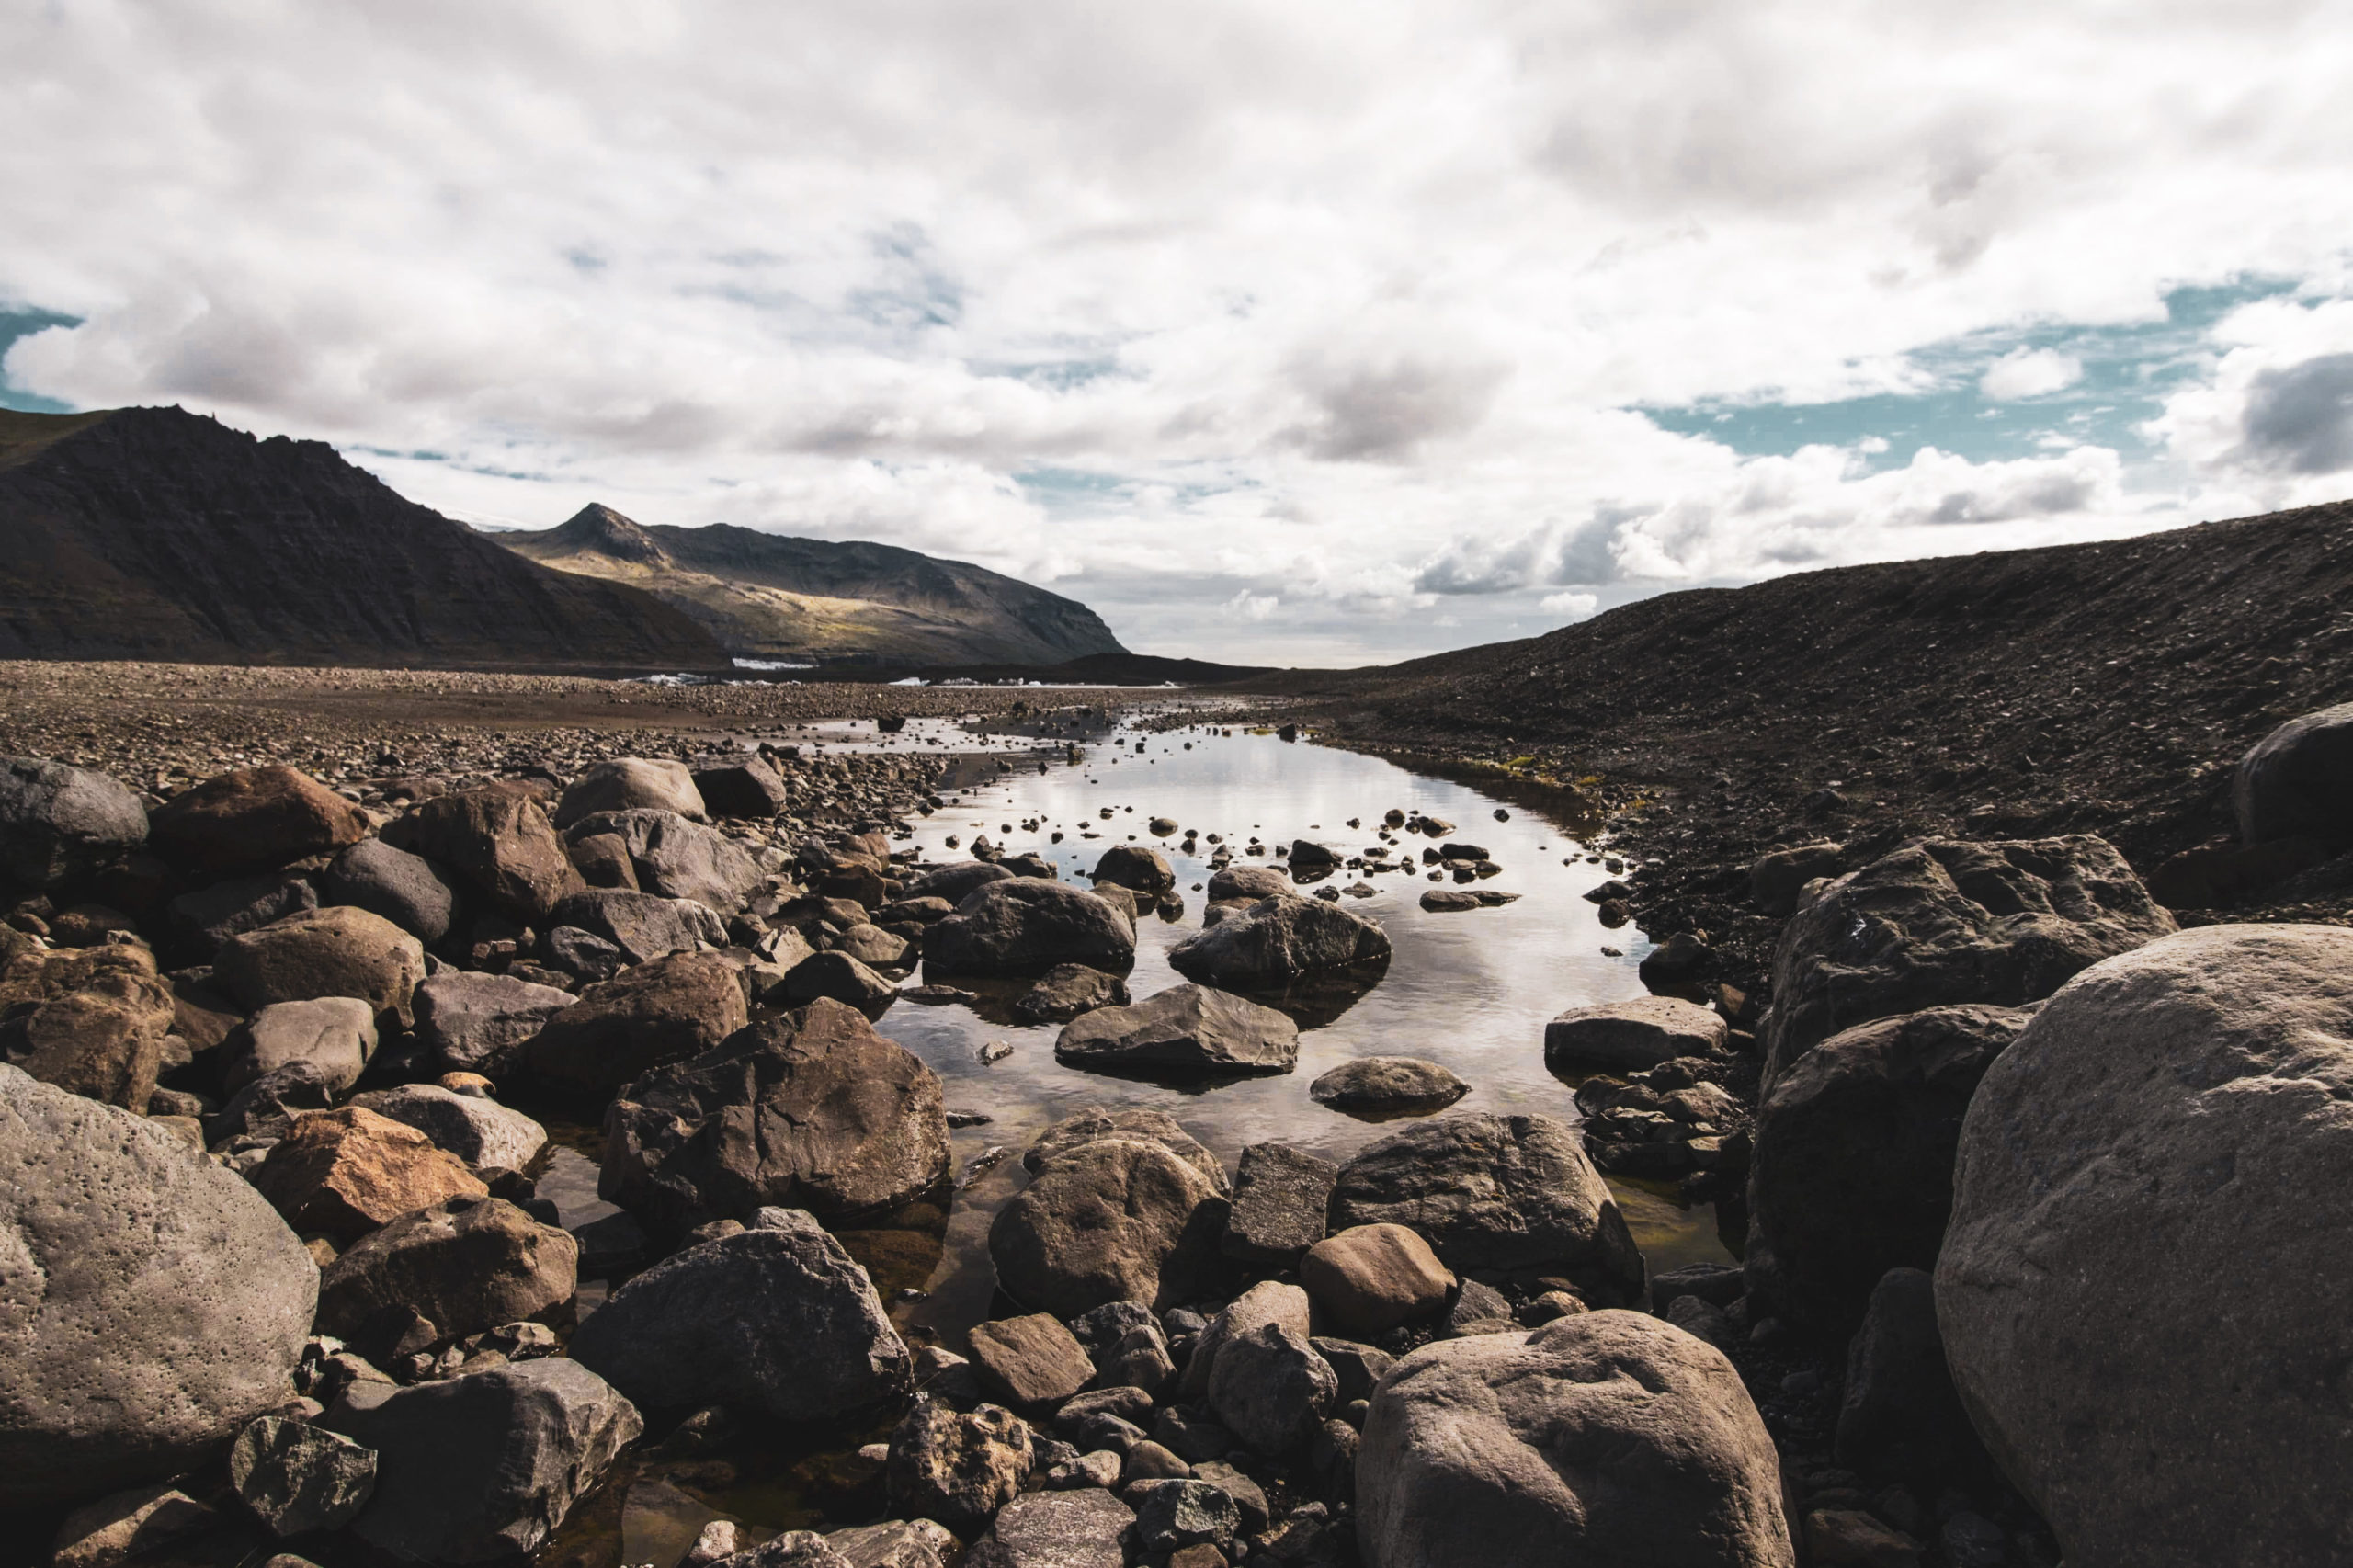 gletsjers in ijsland - a travel note